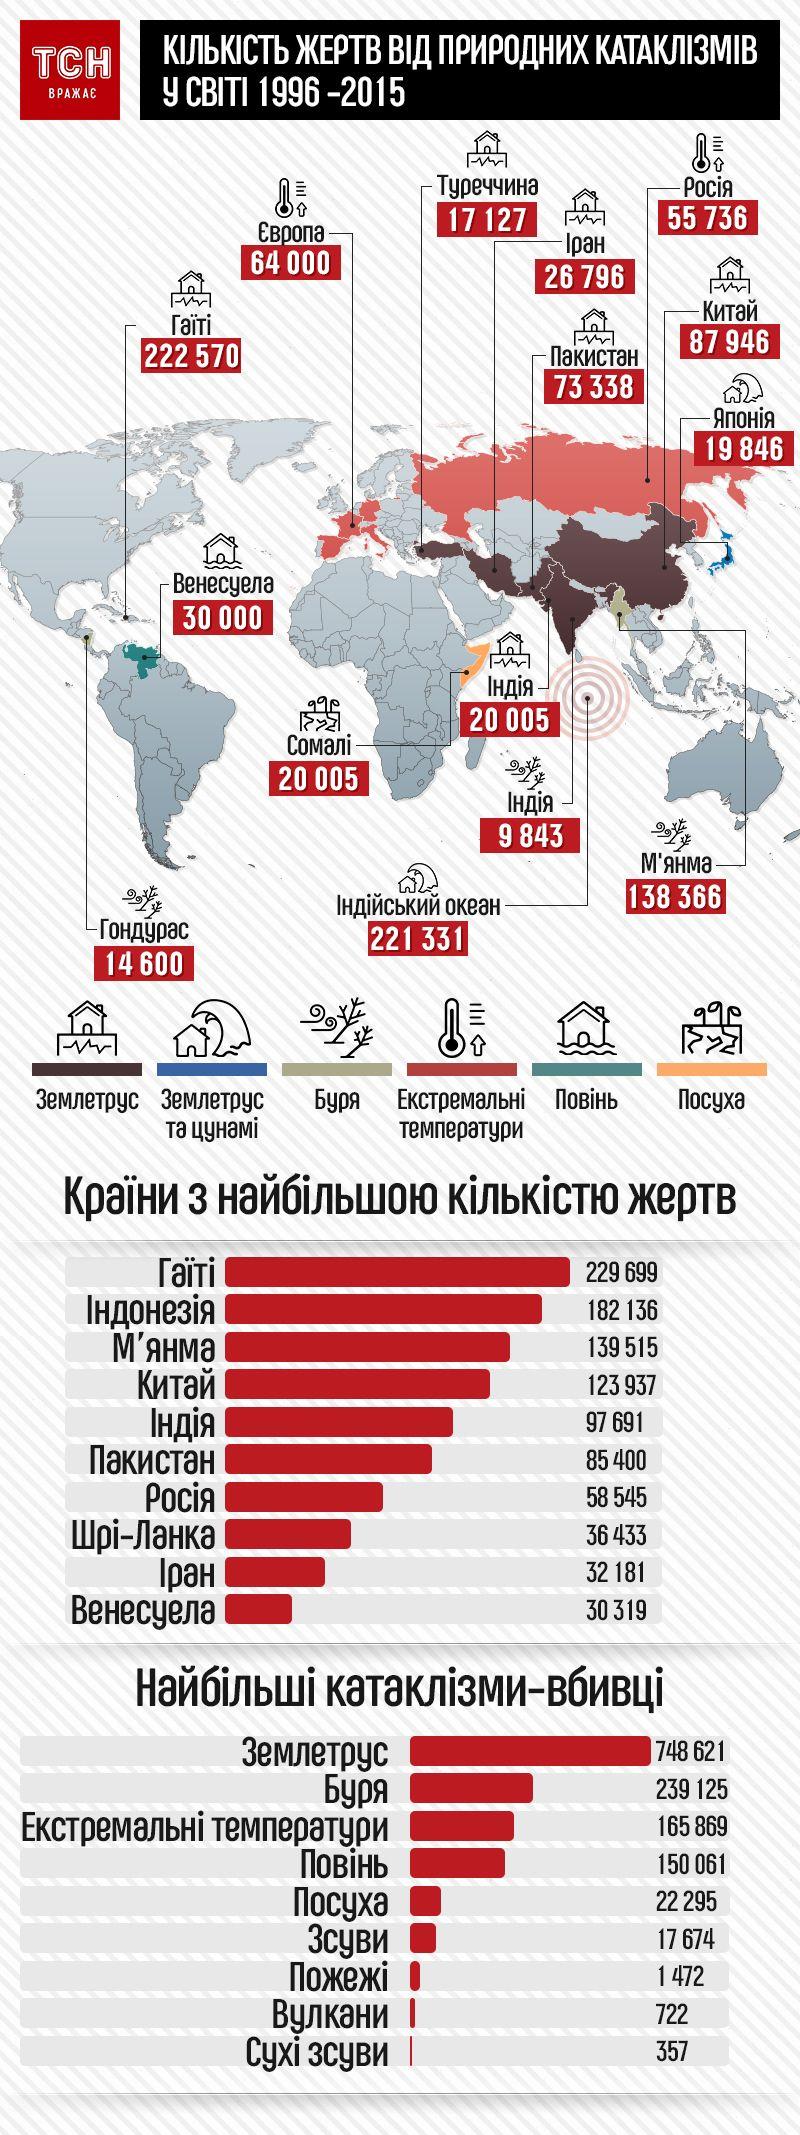 Жертви природних катаклізмів інфографіка